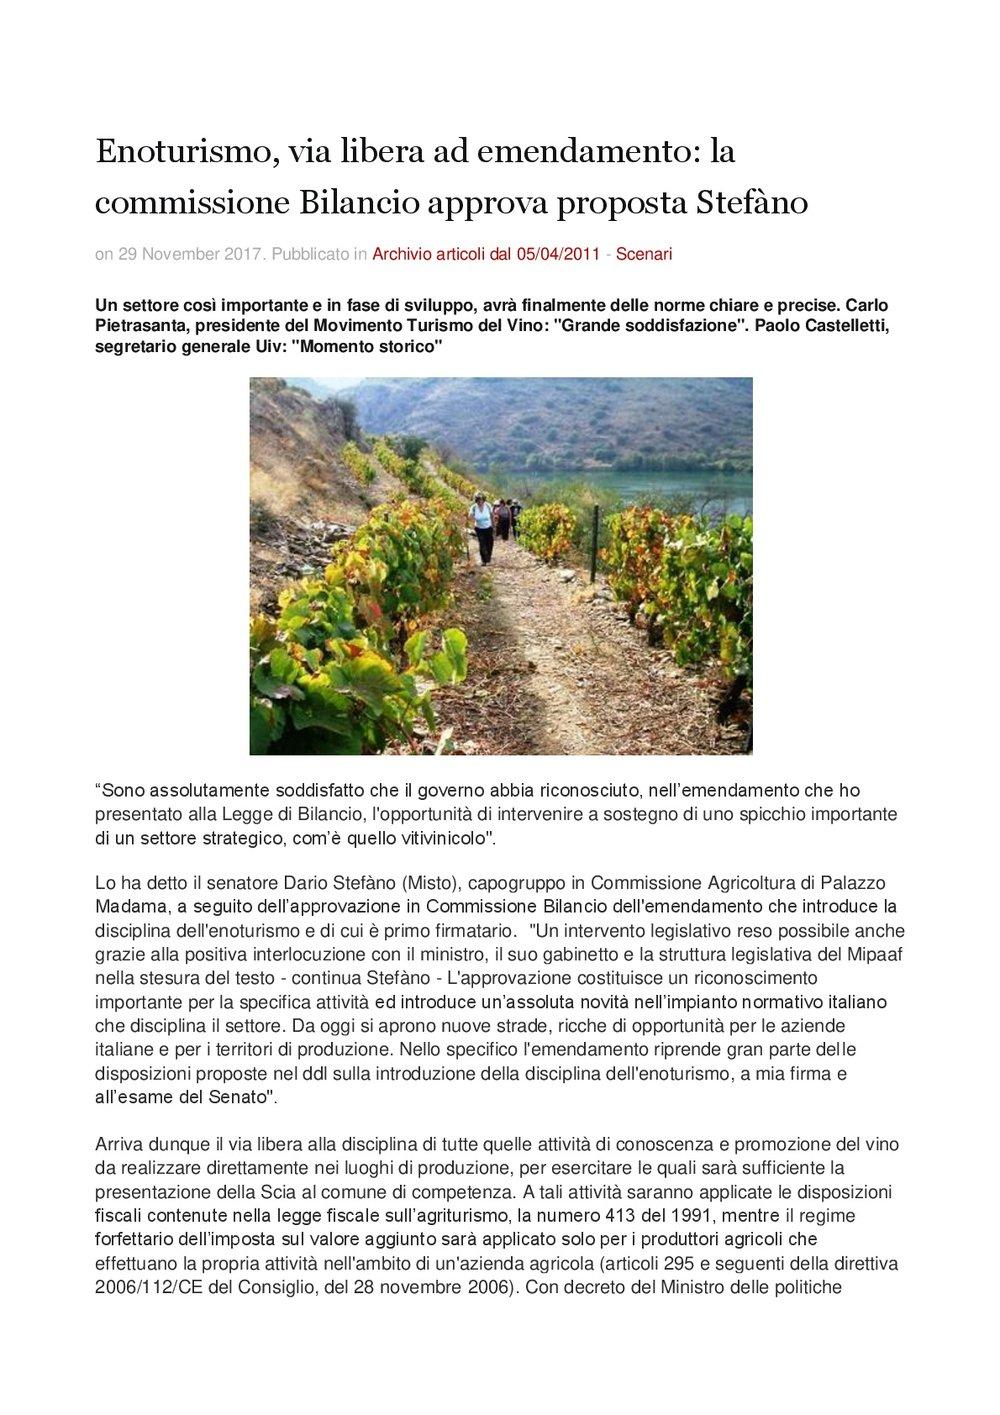 Articolo-Cronache-di-Gusto-29.11.17-001.jpg